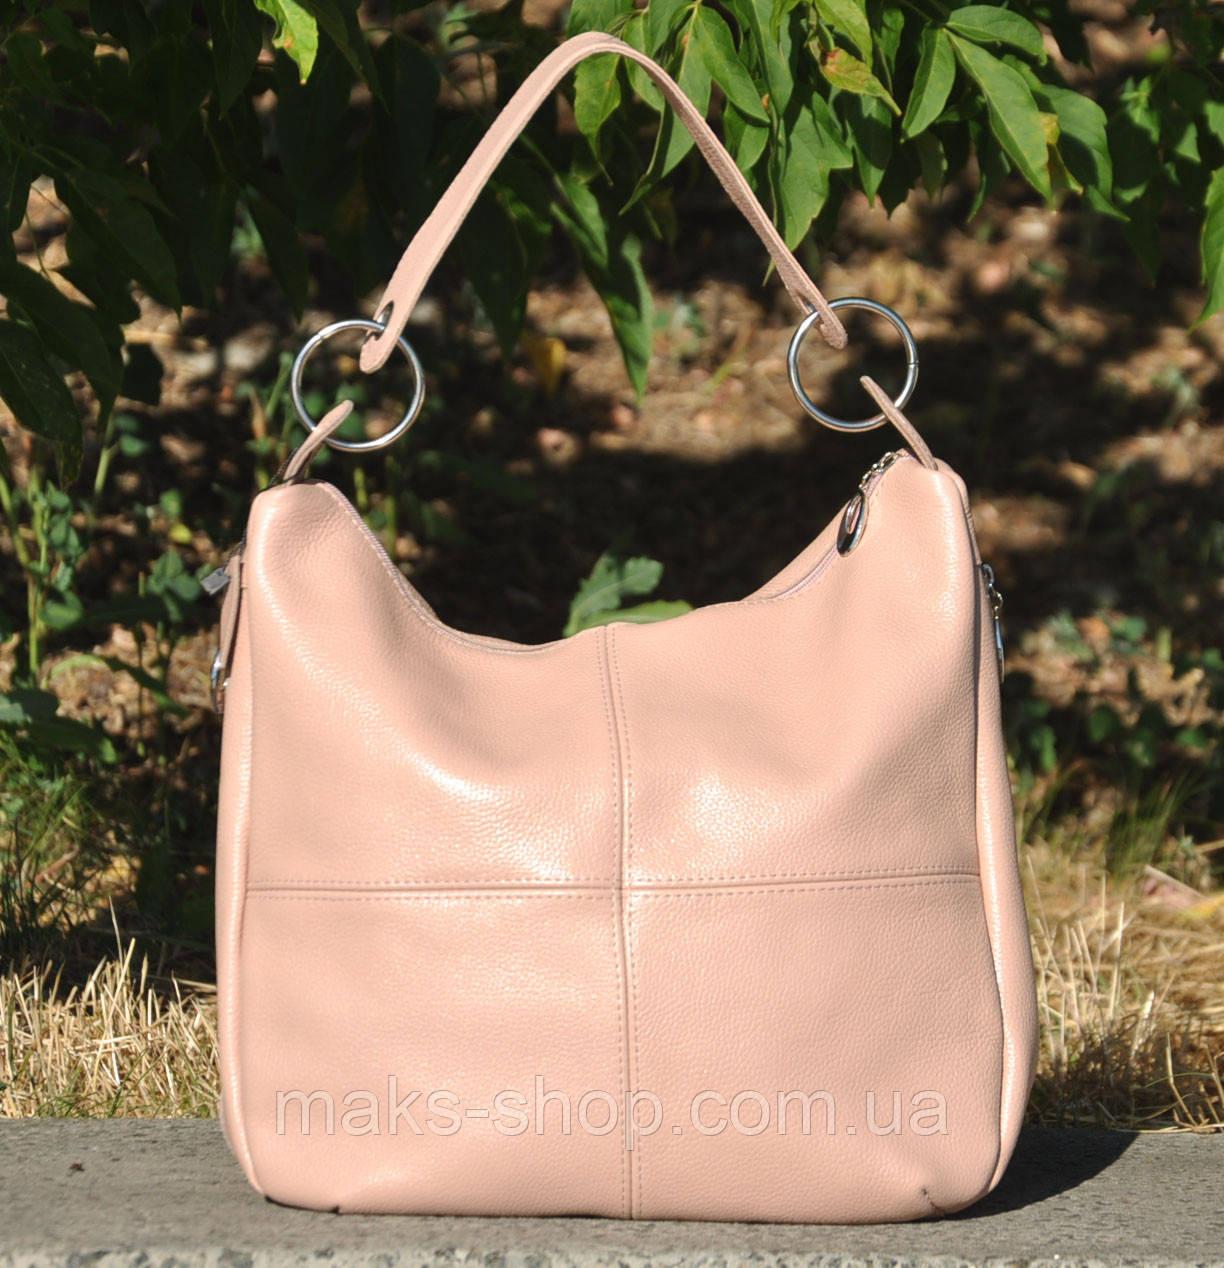 38285c05f010 Кожаная шикарная женская сумка Неаполь пудра - Maks Shop- надежный и  перспективный интернет магазин сумок